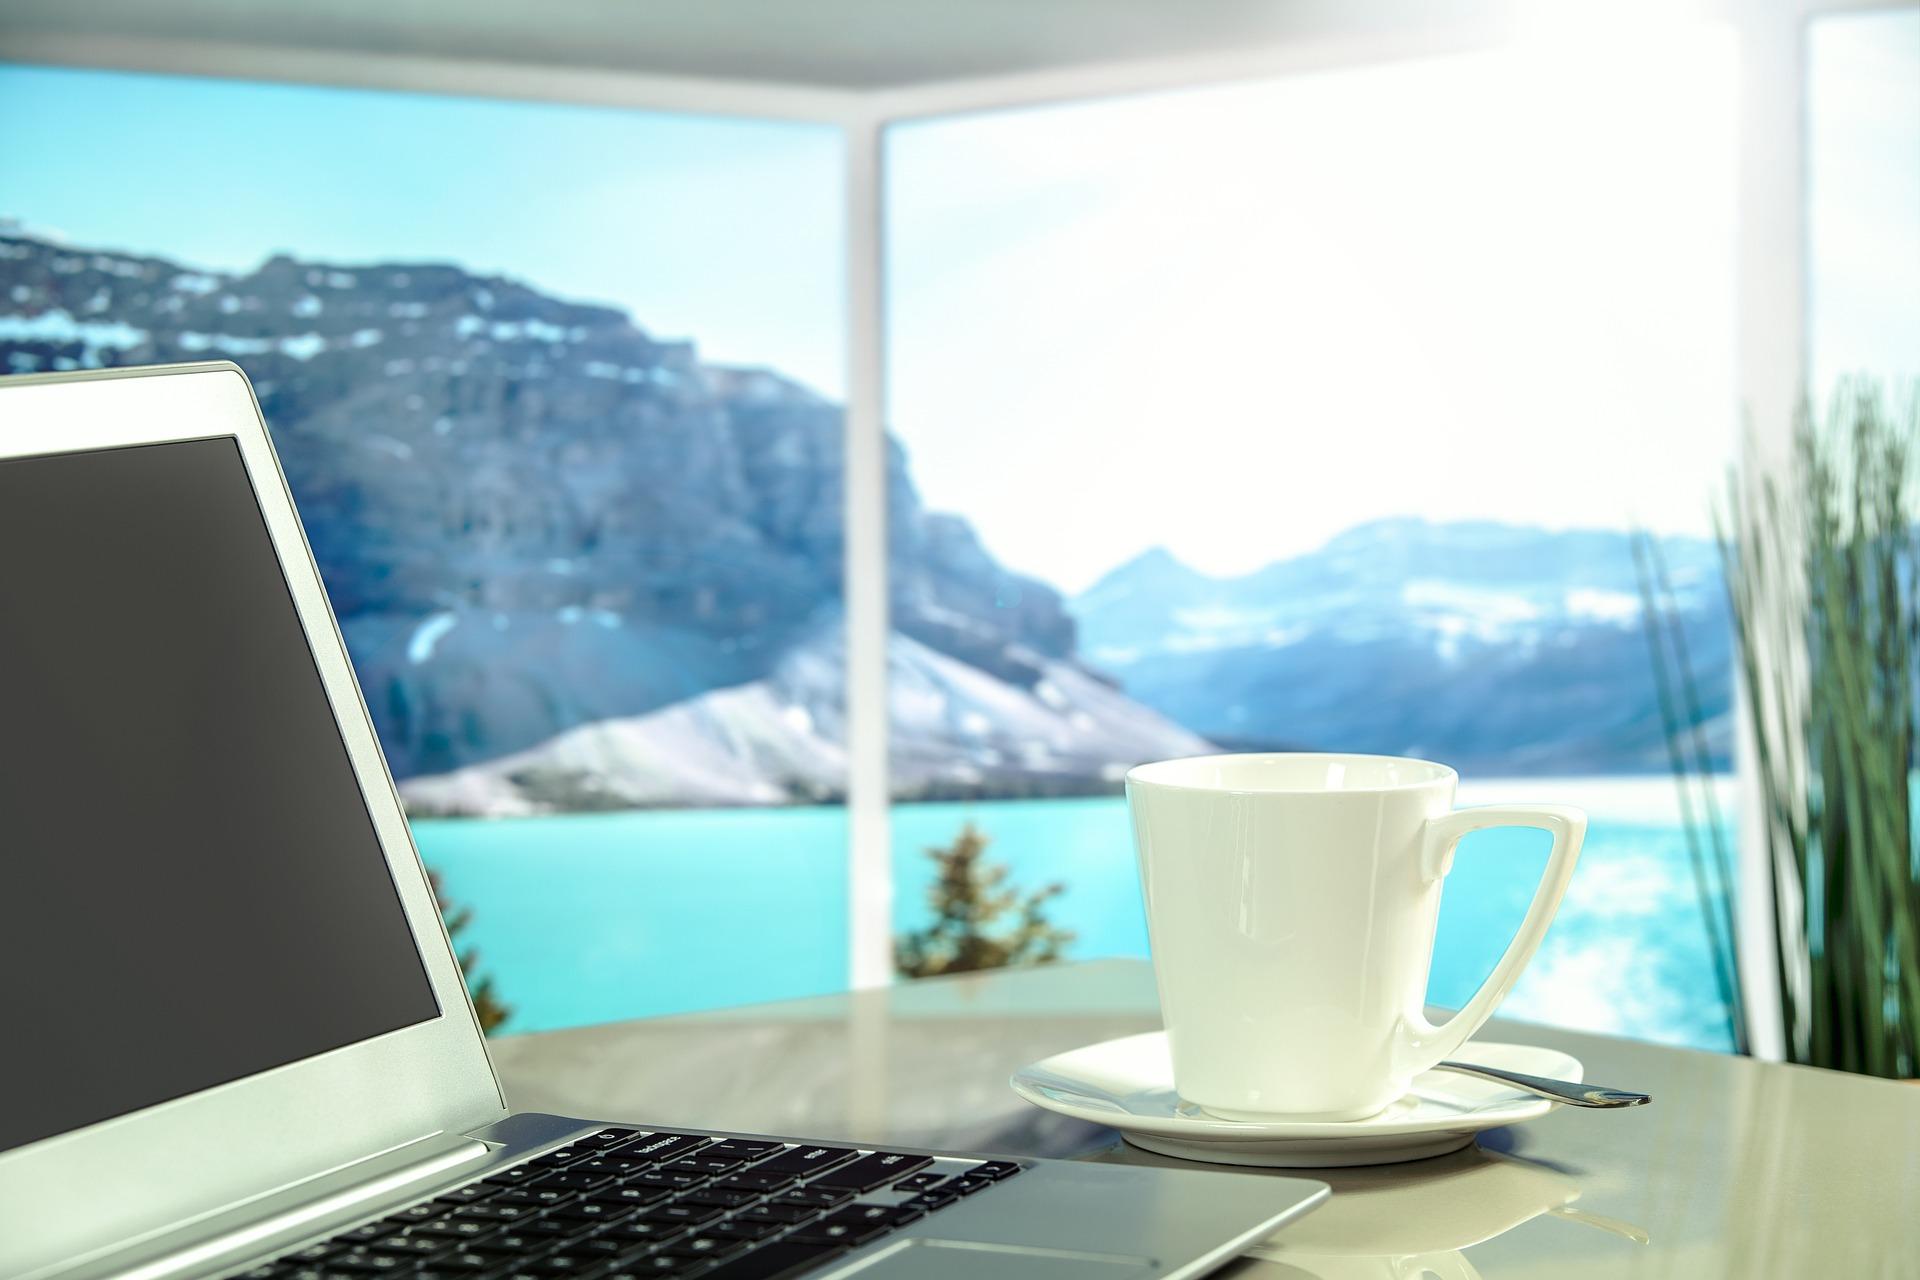 Bekerja yang baik, bersinergi, dan bermanfaat adalah saat tidak ada rasa stres atau terganggunya kesehatan mental jiwa. (foto: pixabay)